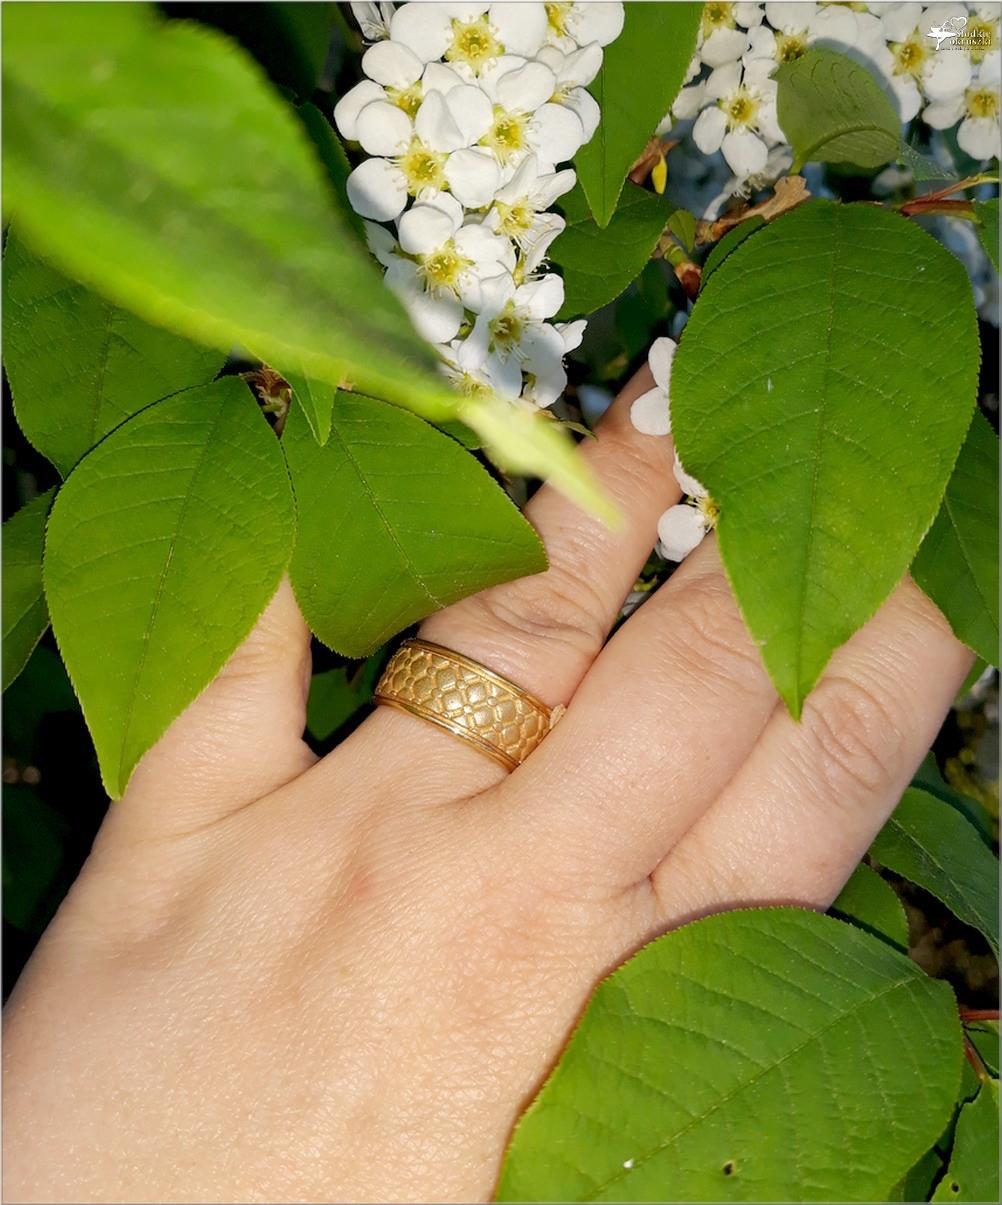 Pozłacana obrączka Chesterfield Gold z kolekcji Kohha Elegance (4)